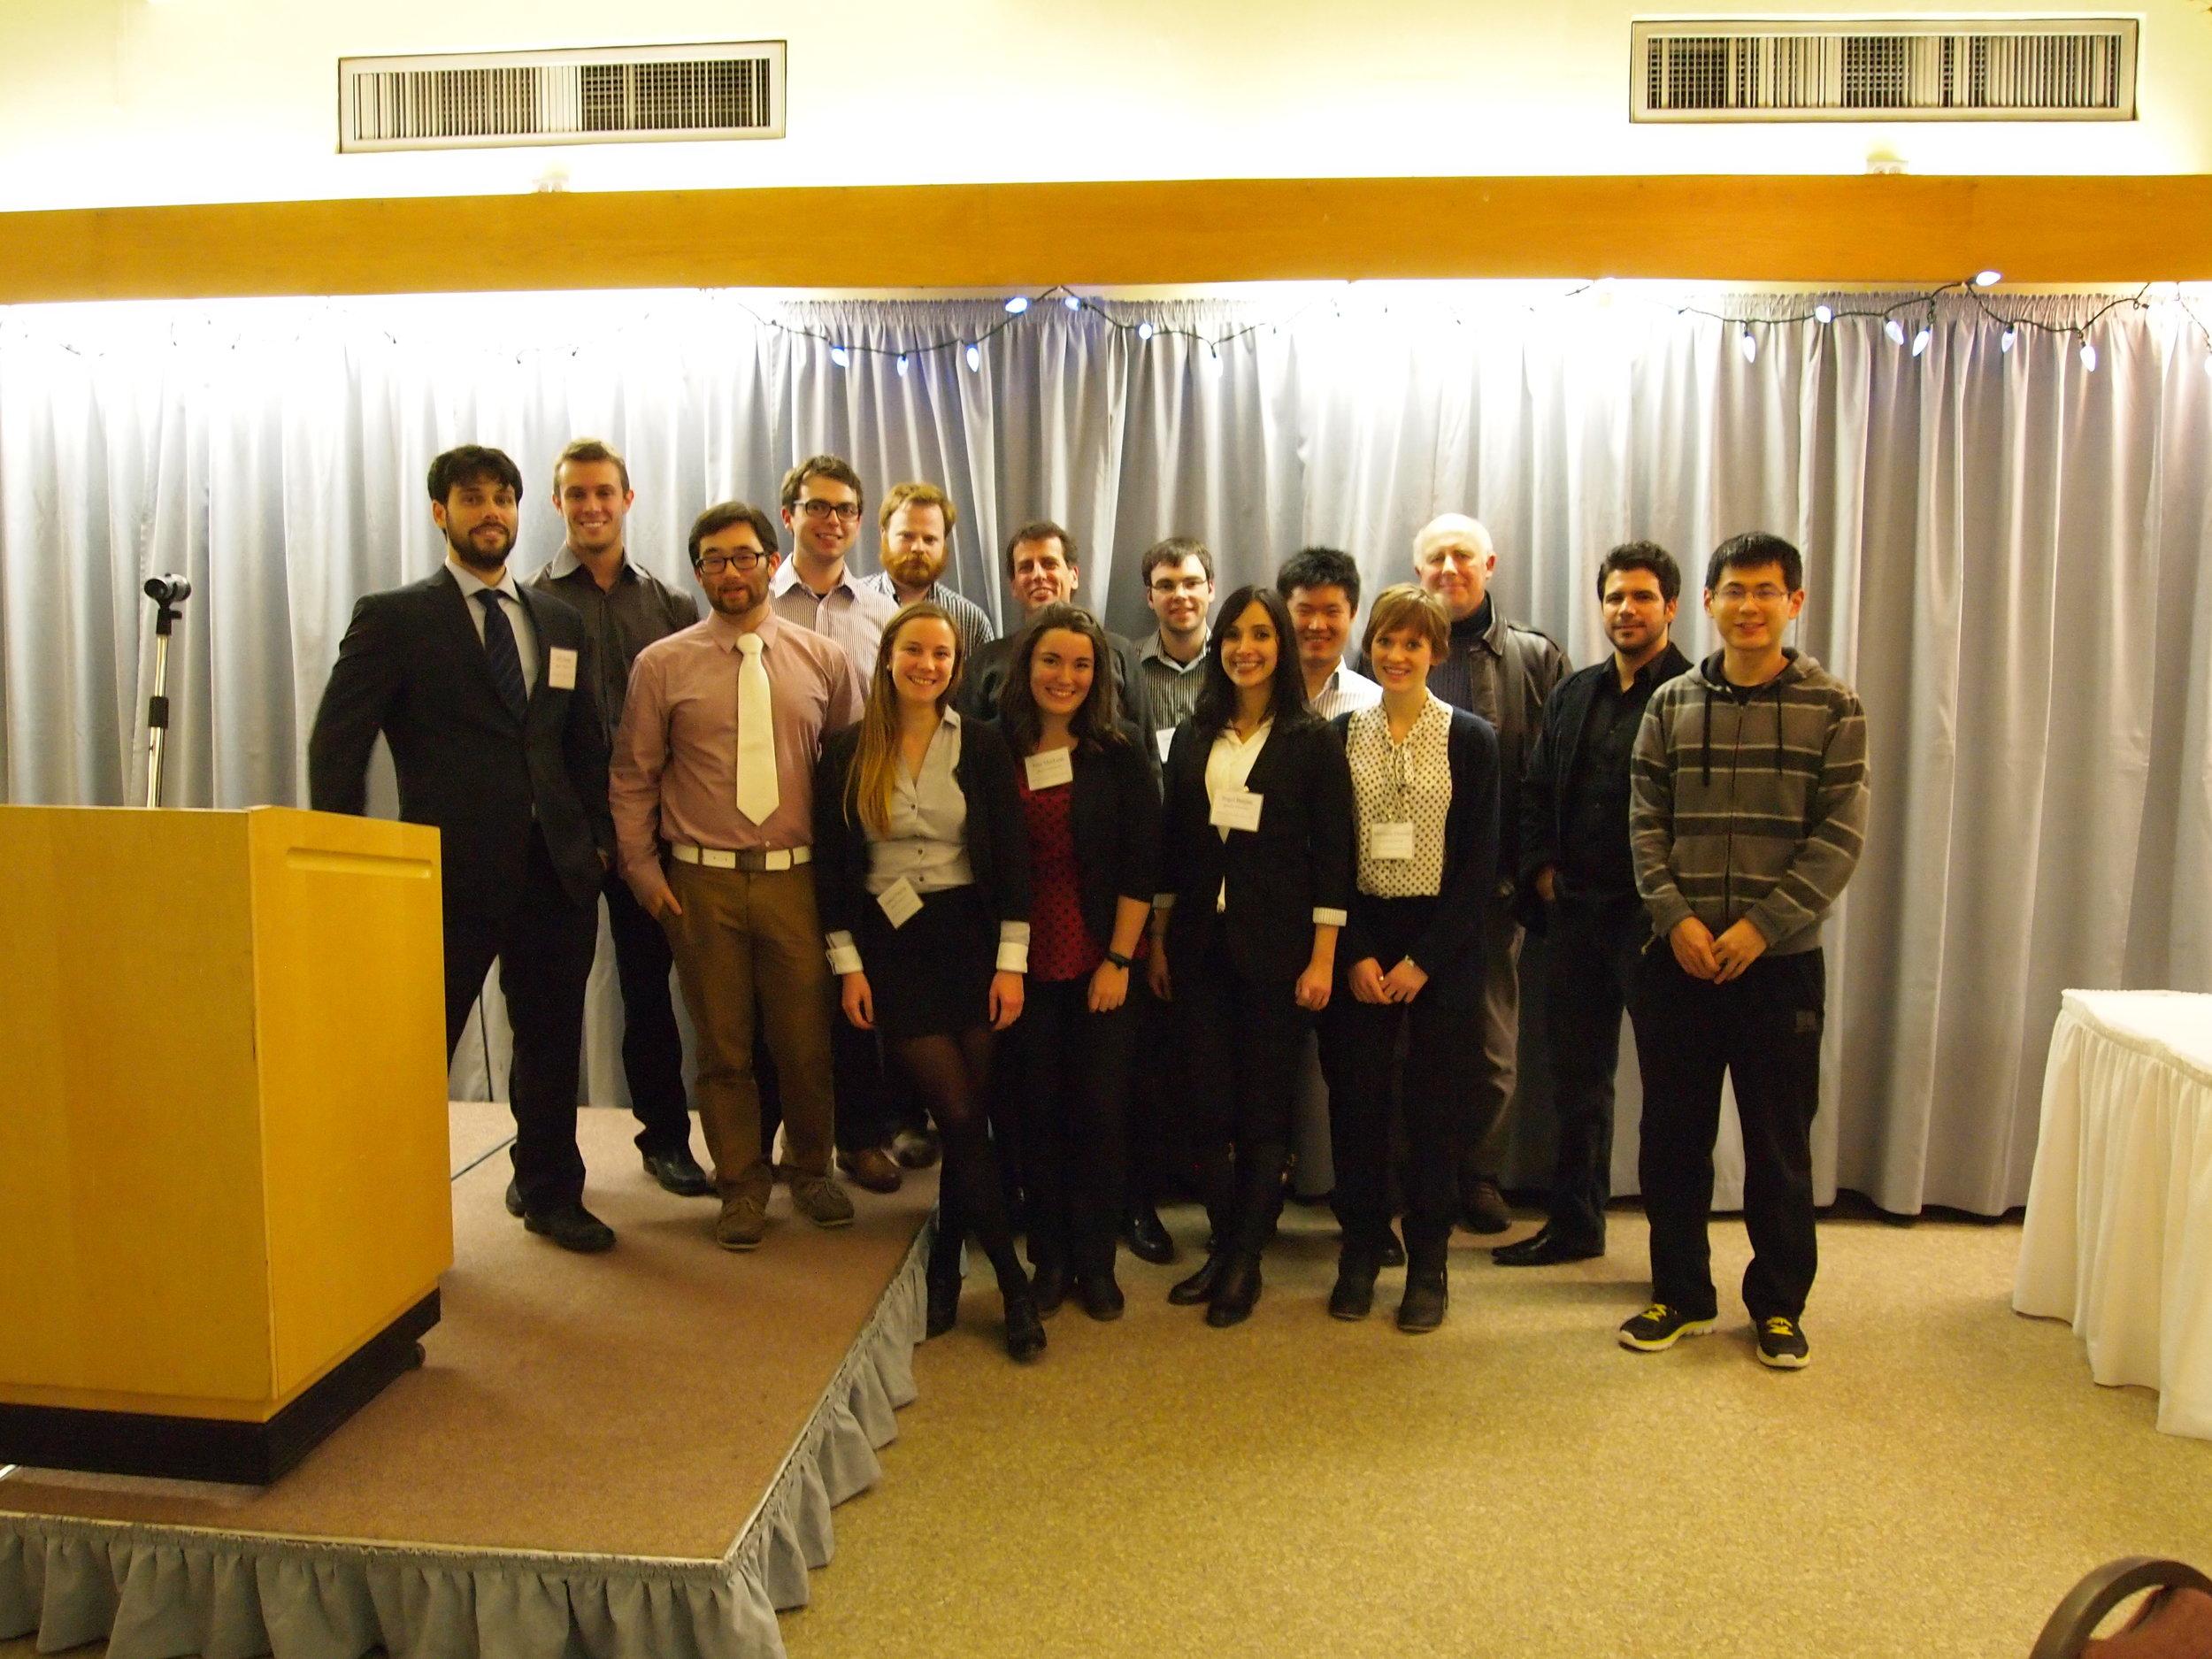 Symposium of Chemical Physics, 2014